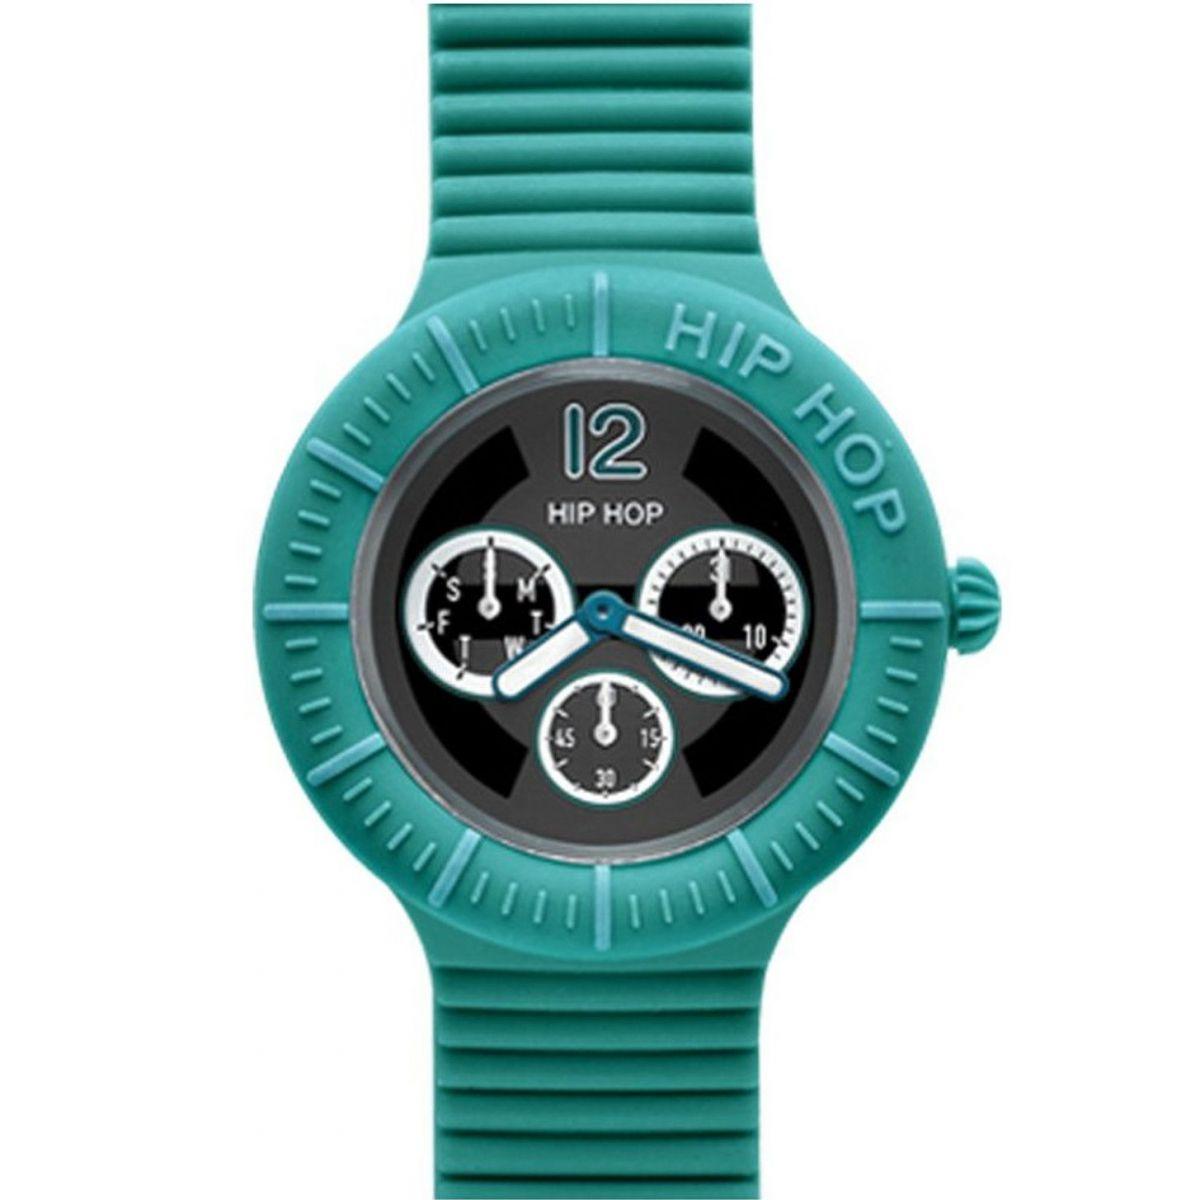 Orologio Hip Hop Sportsman Multifunzione HWU0178 da 42 mm Turchese